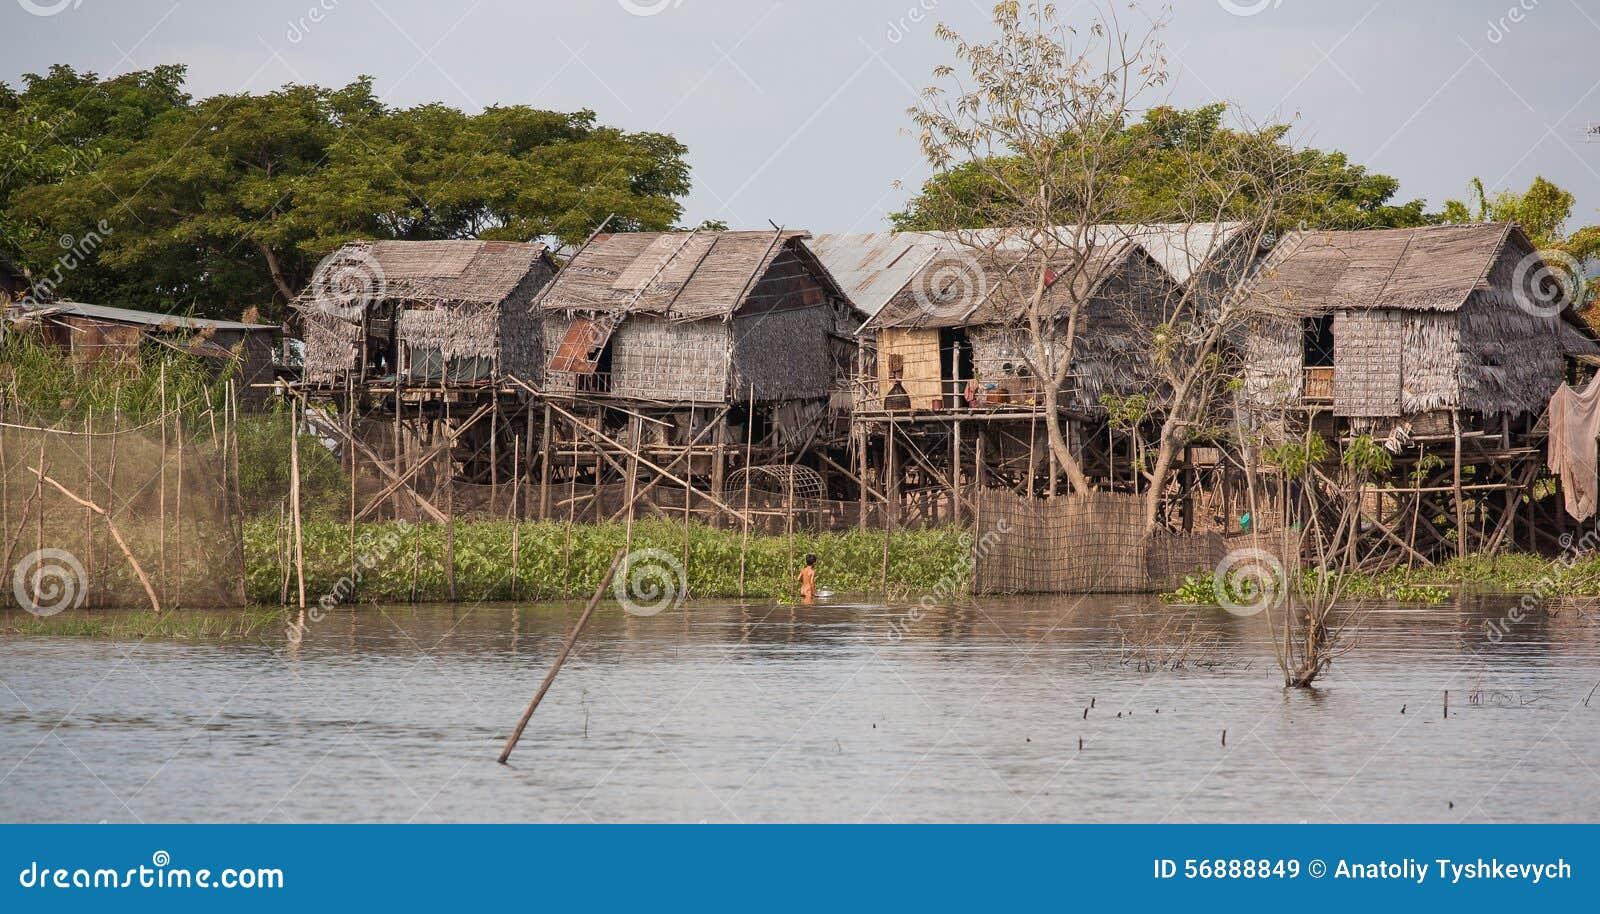 Λίγο σπίτι στο νερό, ένα παιδί που αλιεύει με ένα κύπελλο σιδήρου